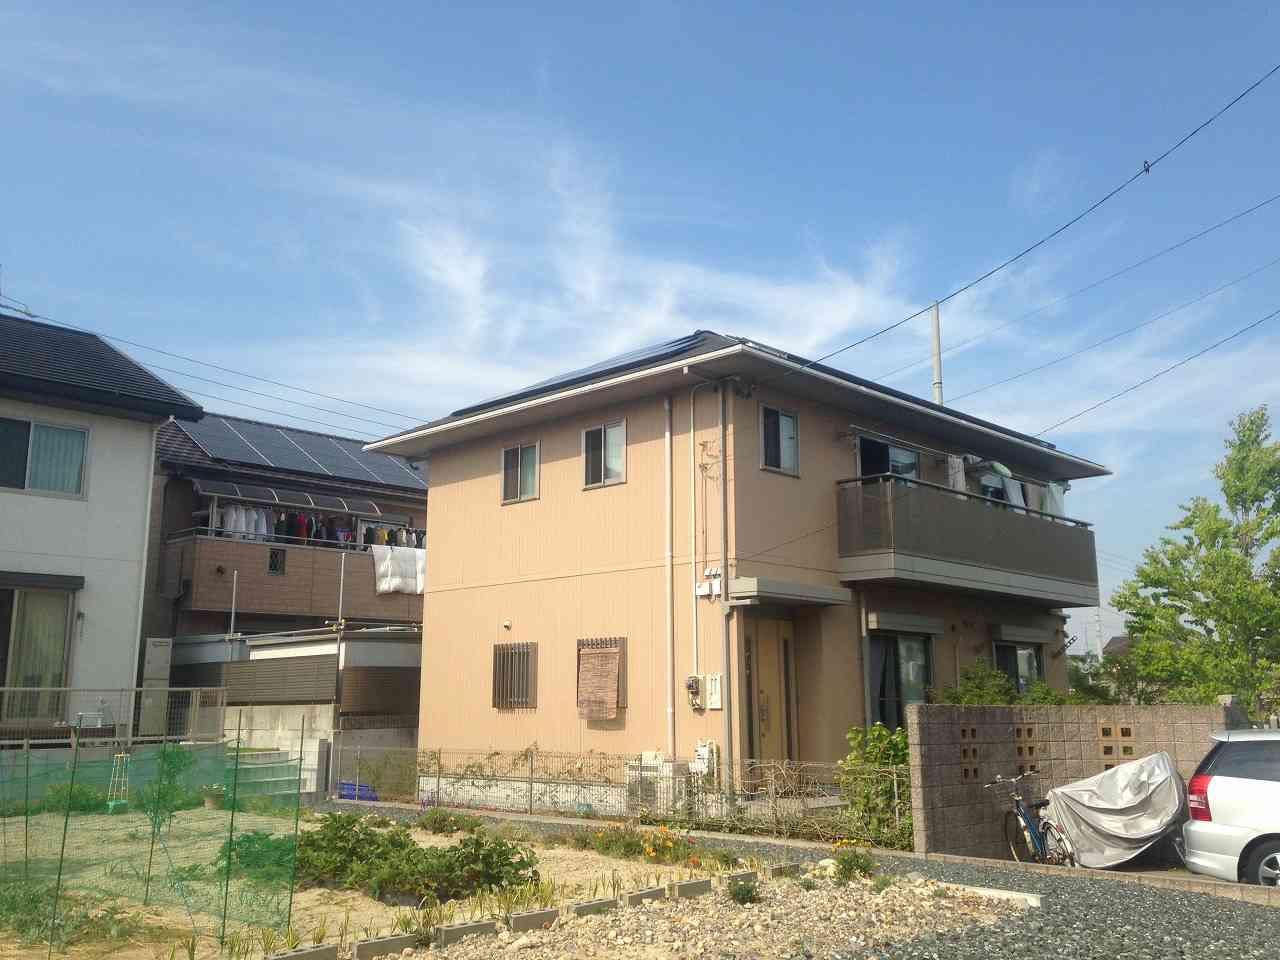 愛知県半田市 S様邸 の写真